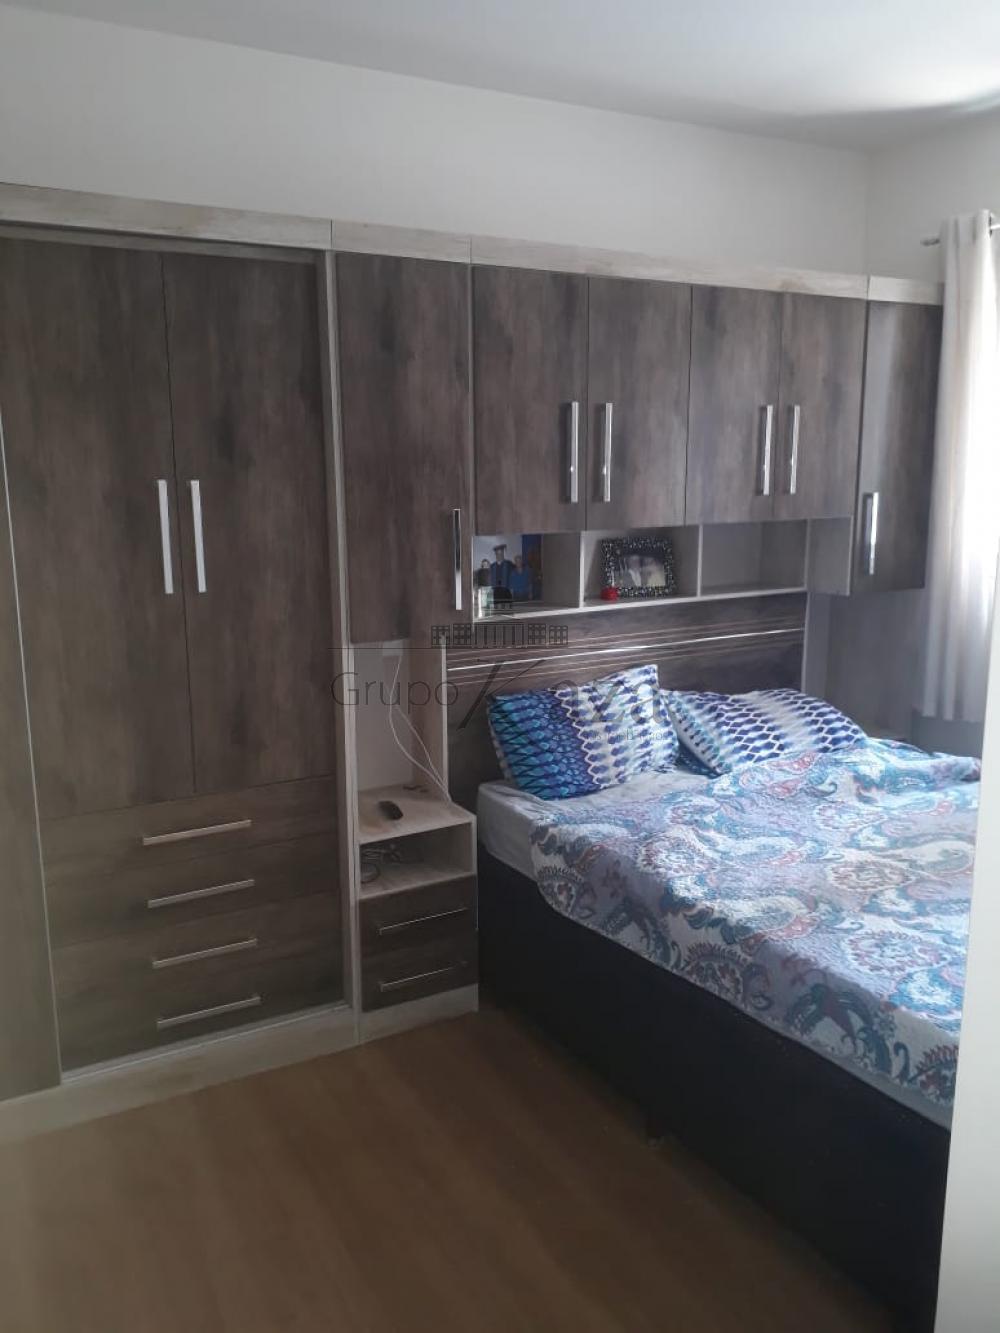 alt='Alugar Apartamento / Padrão em São José dos Campos R$ 2.200,00 - Foto 7' title='Alugar Apartamento / Padrão em São José dos Campos R$ 2.200,00 - Foto 7'